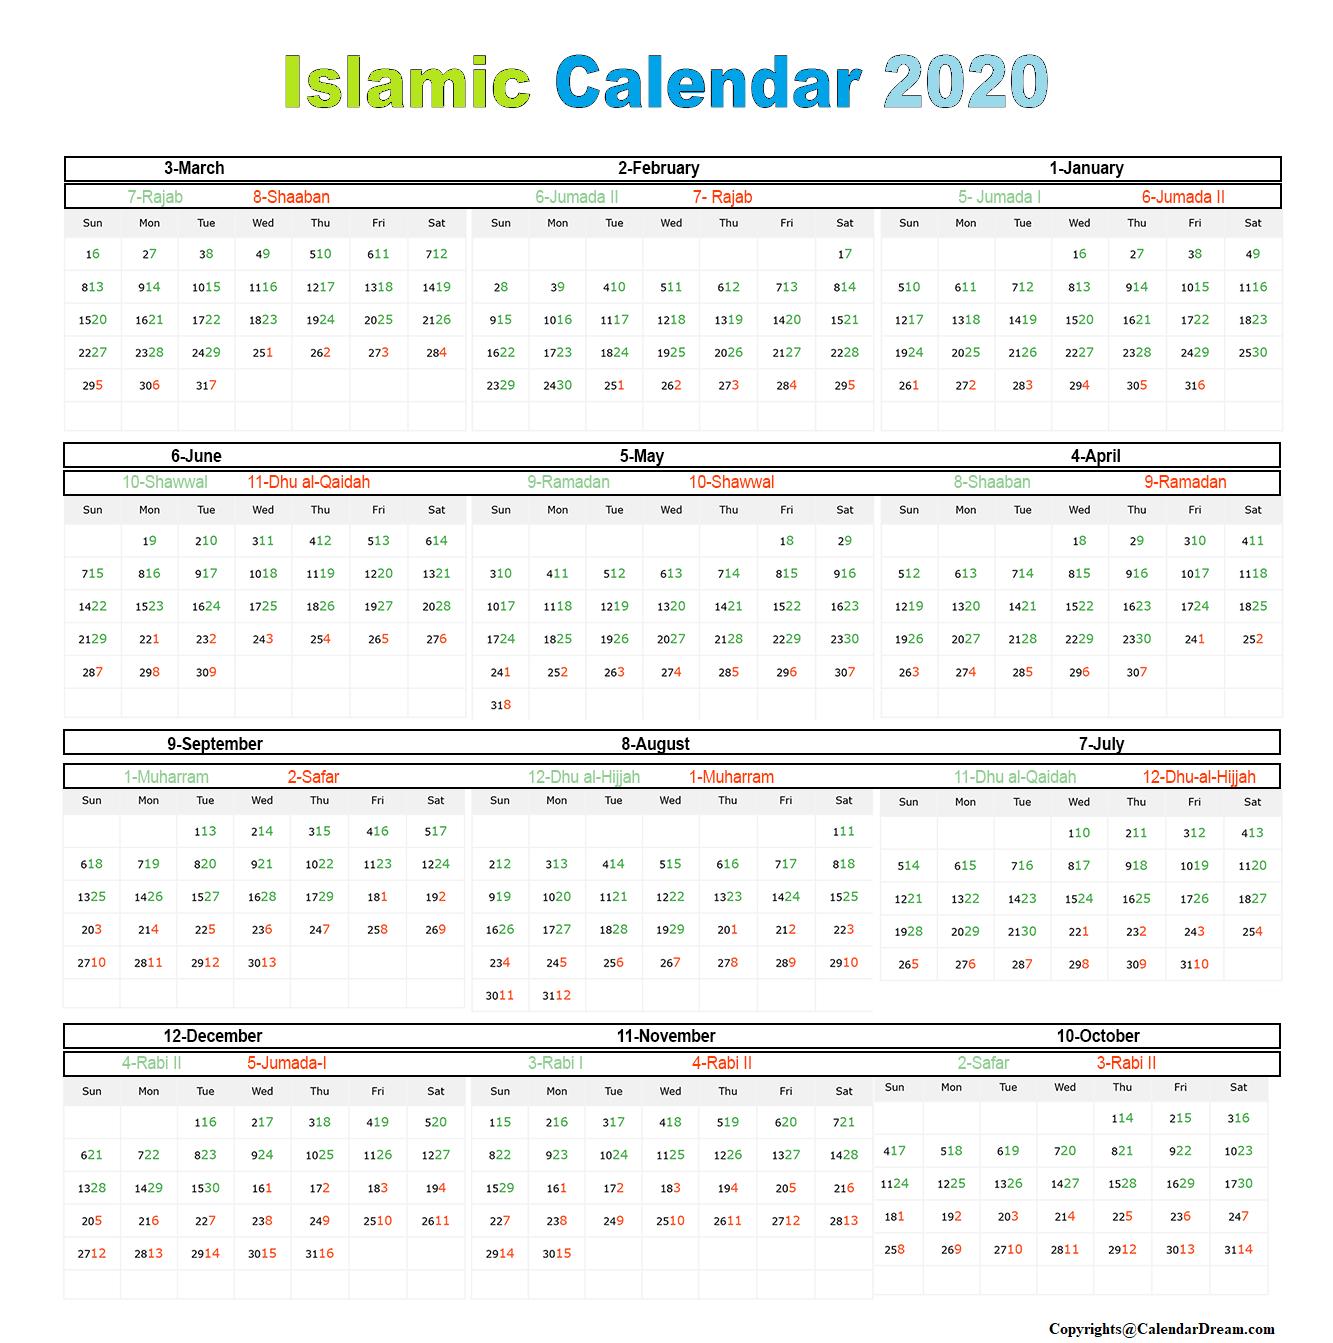 Islamic 2020 Calendar